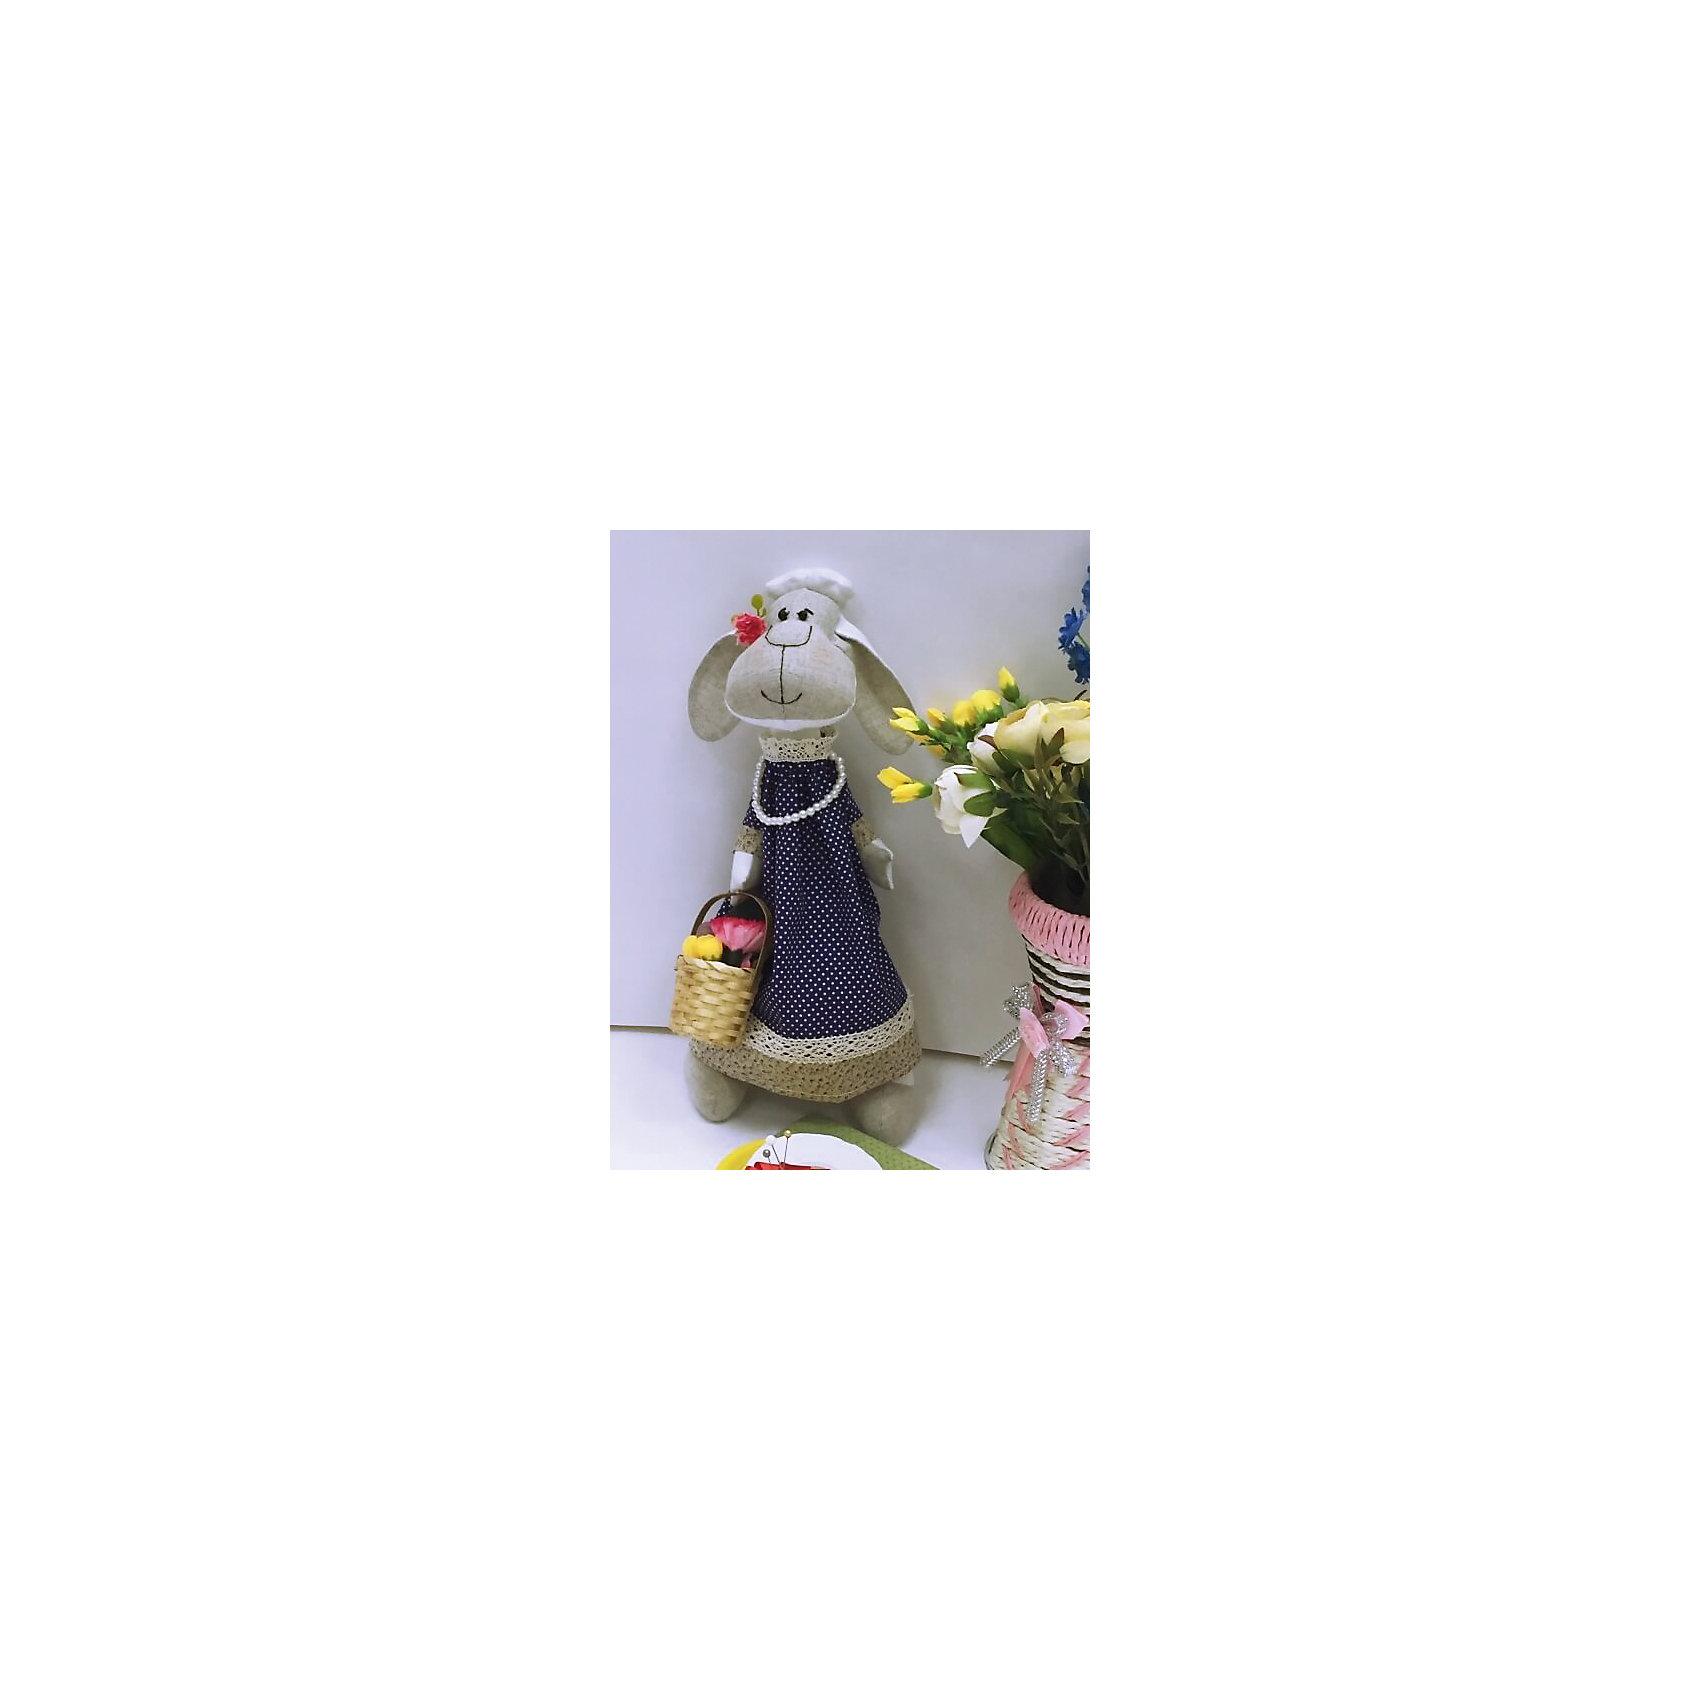 Набор для шитья Овечка ЦветочницаВ набор входит выкройка, подробная инструкция, лекало, мел, булавки, нитки, наполнитель-холлафайбер, ленты и аксессуары для украшения. Игрушка выполняется из специальной несыпучей ткани для печворка. Своими руками Вы создаете дизайнерскую игрушку<br><br>Ширина мм: 200<br>Глубина мм: 80<br>Высота мм: 260<br>Вес г: 800<br>Возраст от месяцев: 120<br>Возраст до месяцев: 180<br>Пол: Унисекс<br>Возраст: Детский<br>SKU: 5350861